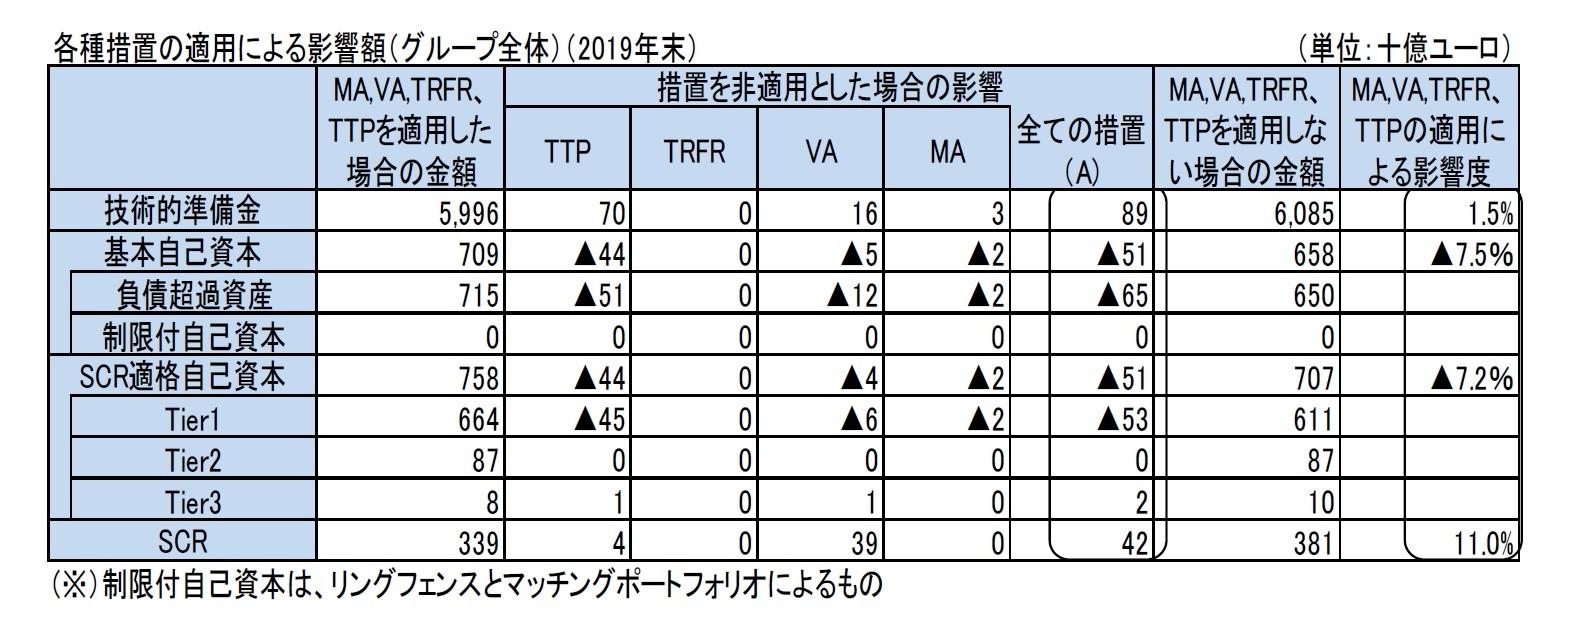 各種措置の適用による影響額(グループ全体)(2019年末)